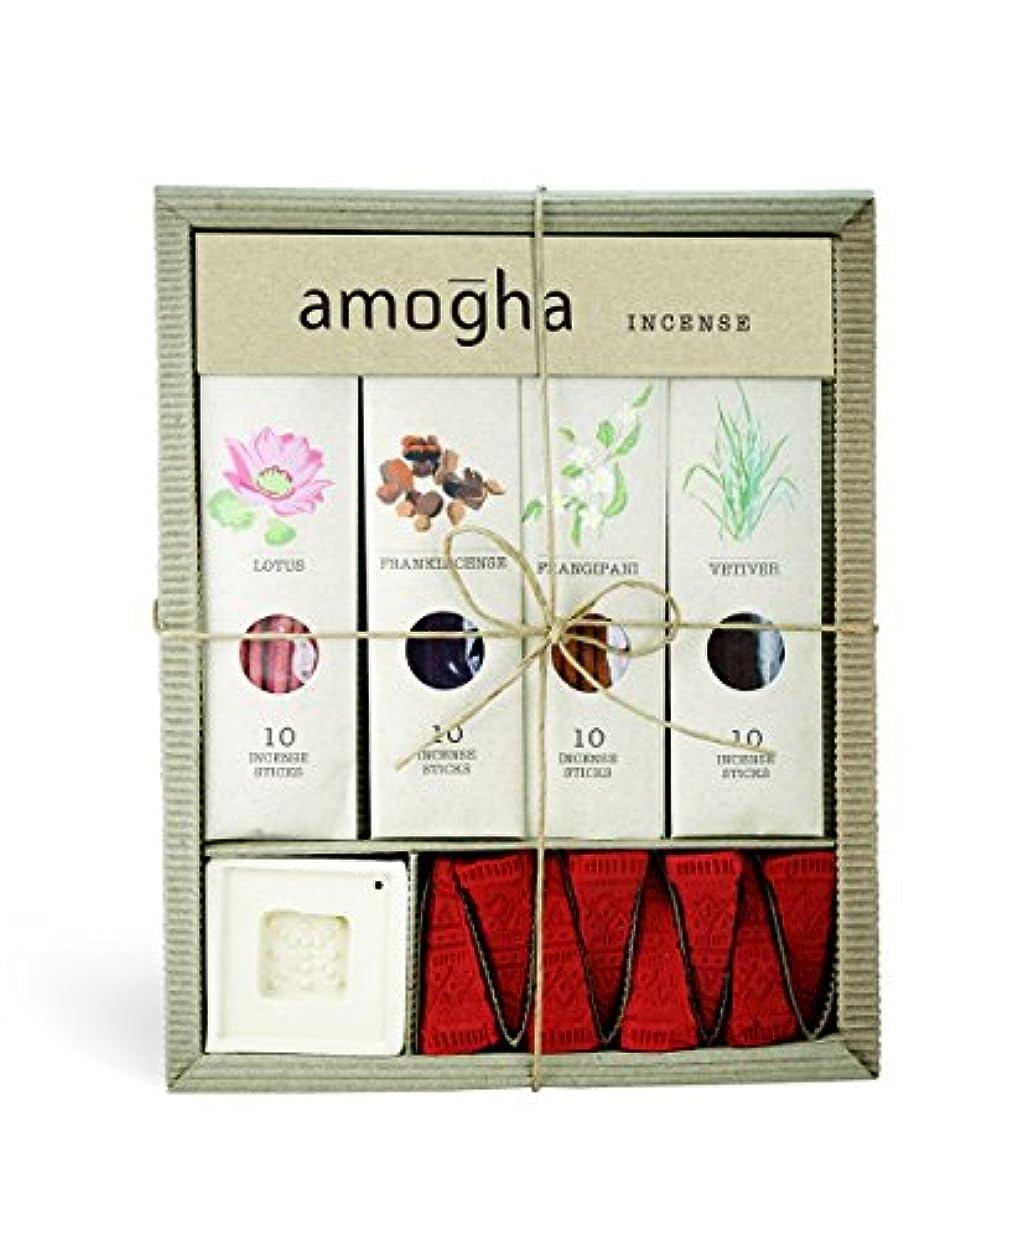 毎回日光放棄されたIris Amogha Incense with 10 Sticks - Lotus, Frankincense, Frangipani & Vetiver Gift Set